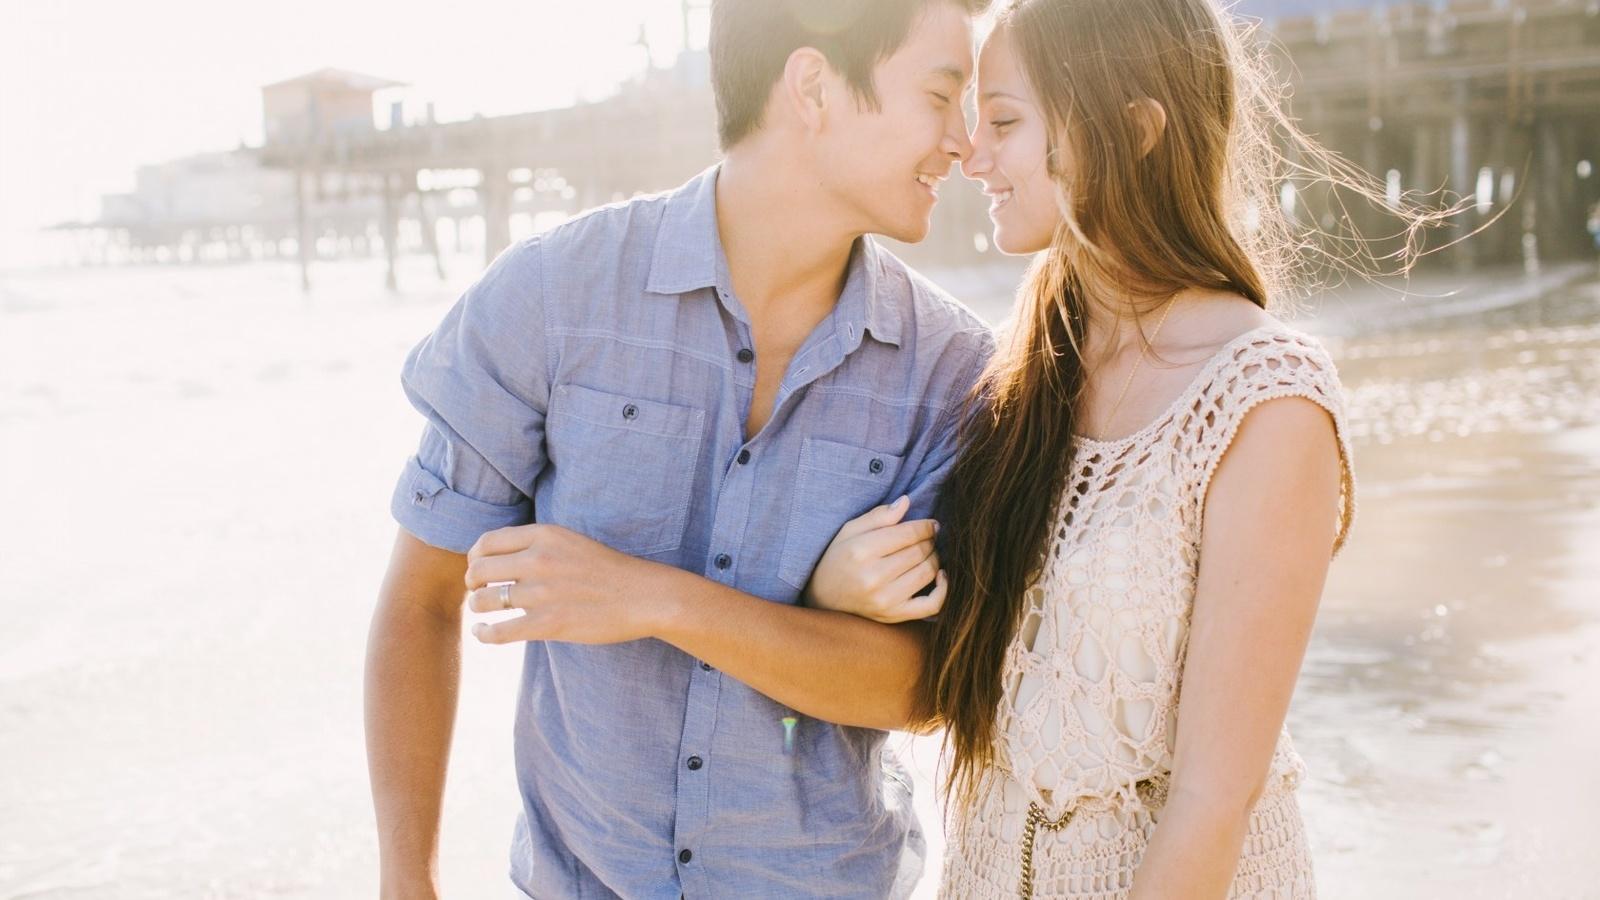 Картинки девушка с мужчиной красивые, прикольные смешные